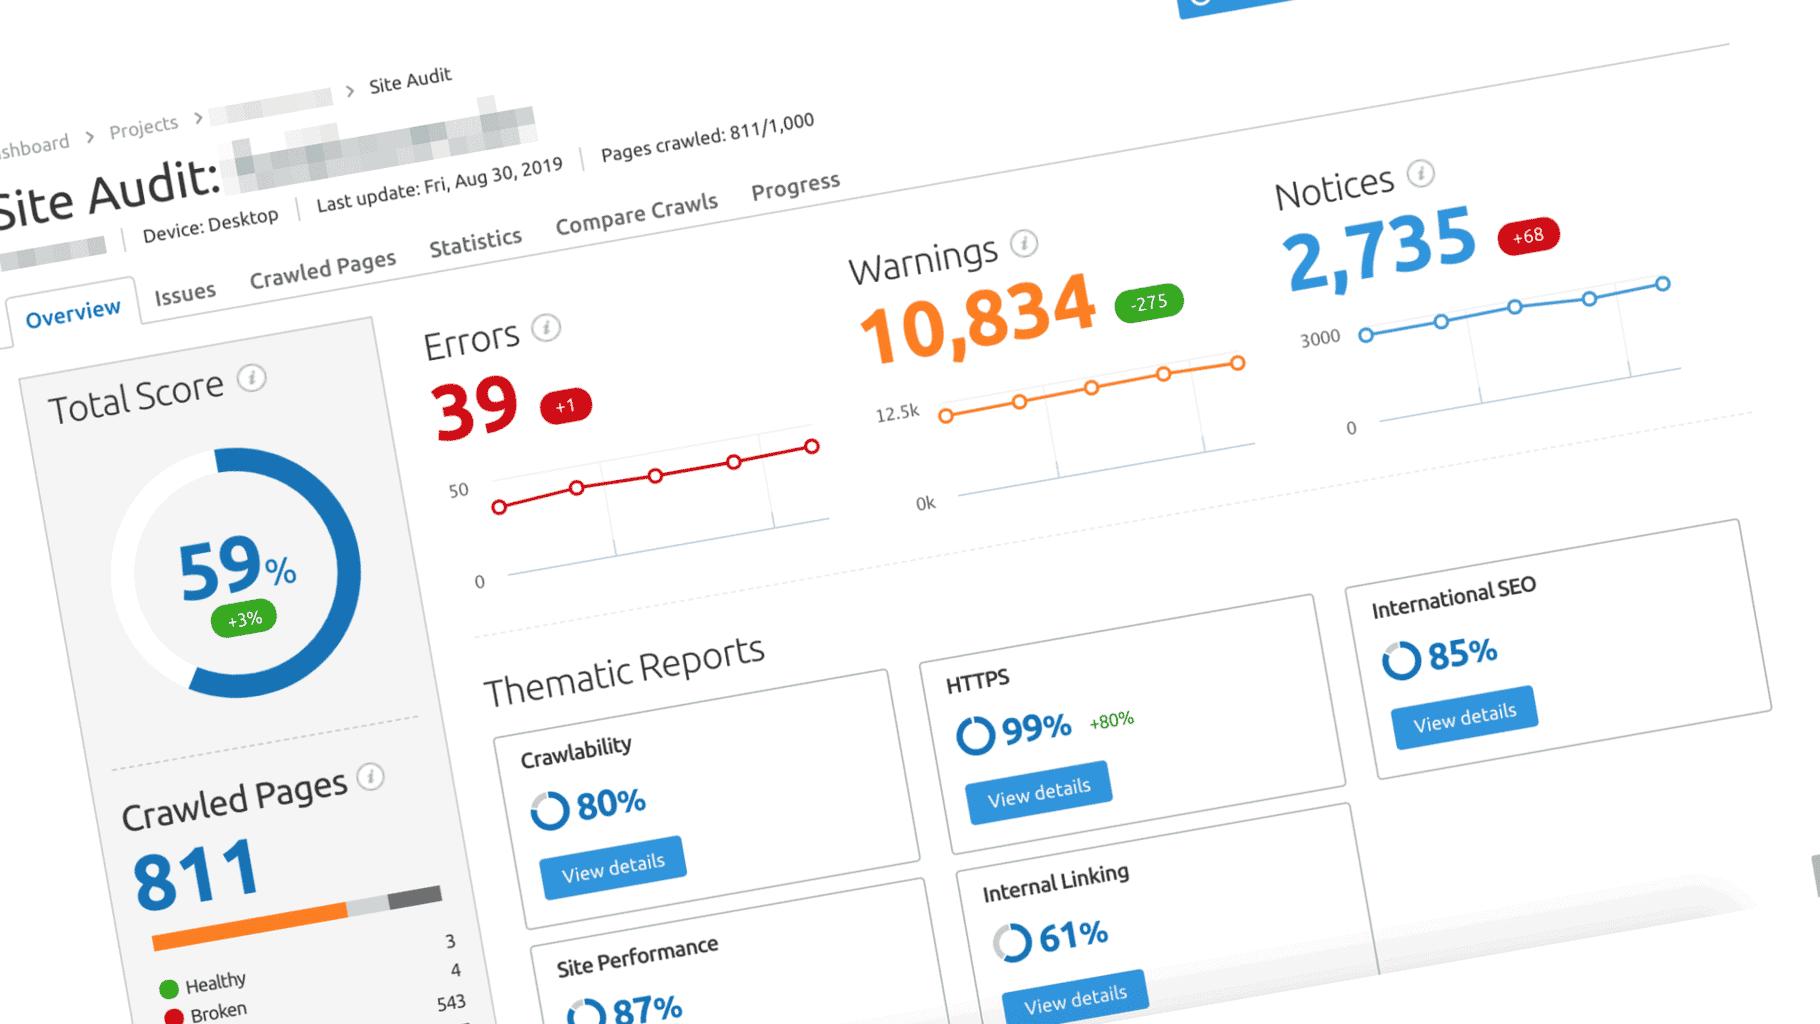 Quel rôle jouent les métadonnées dans le classement d'un site Web?